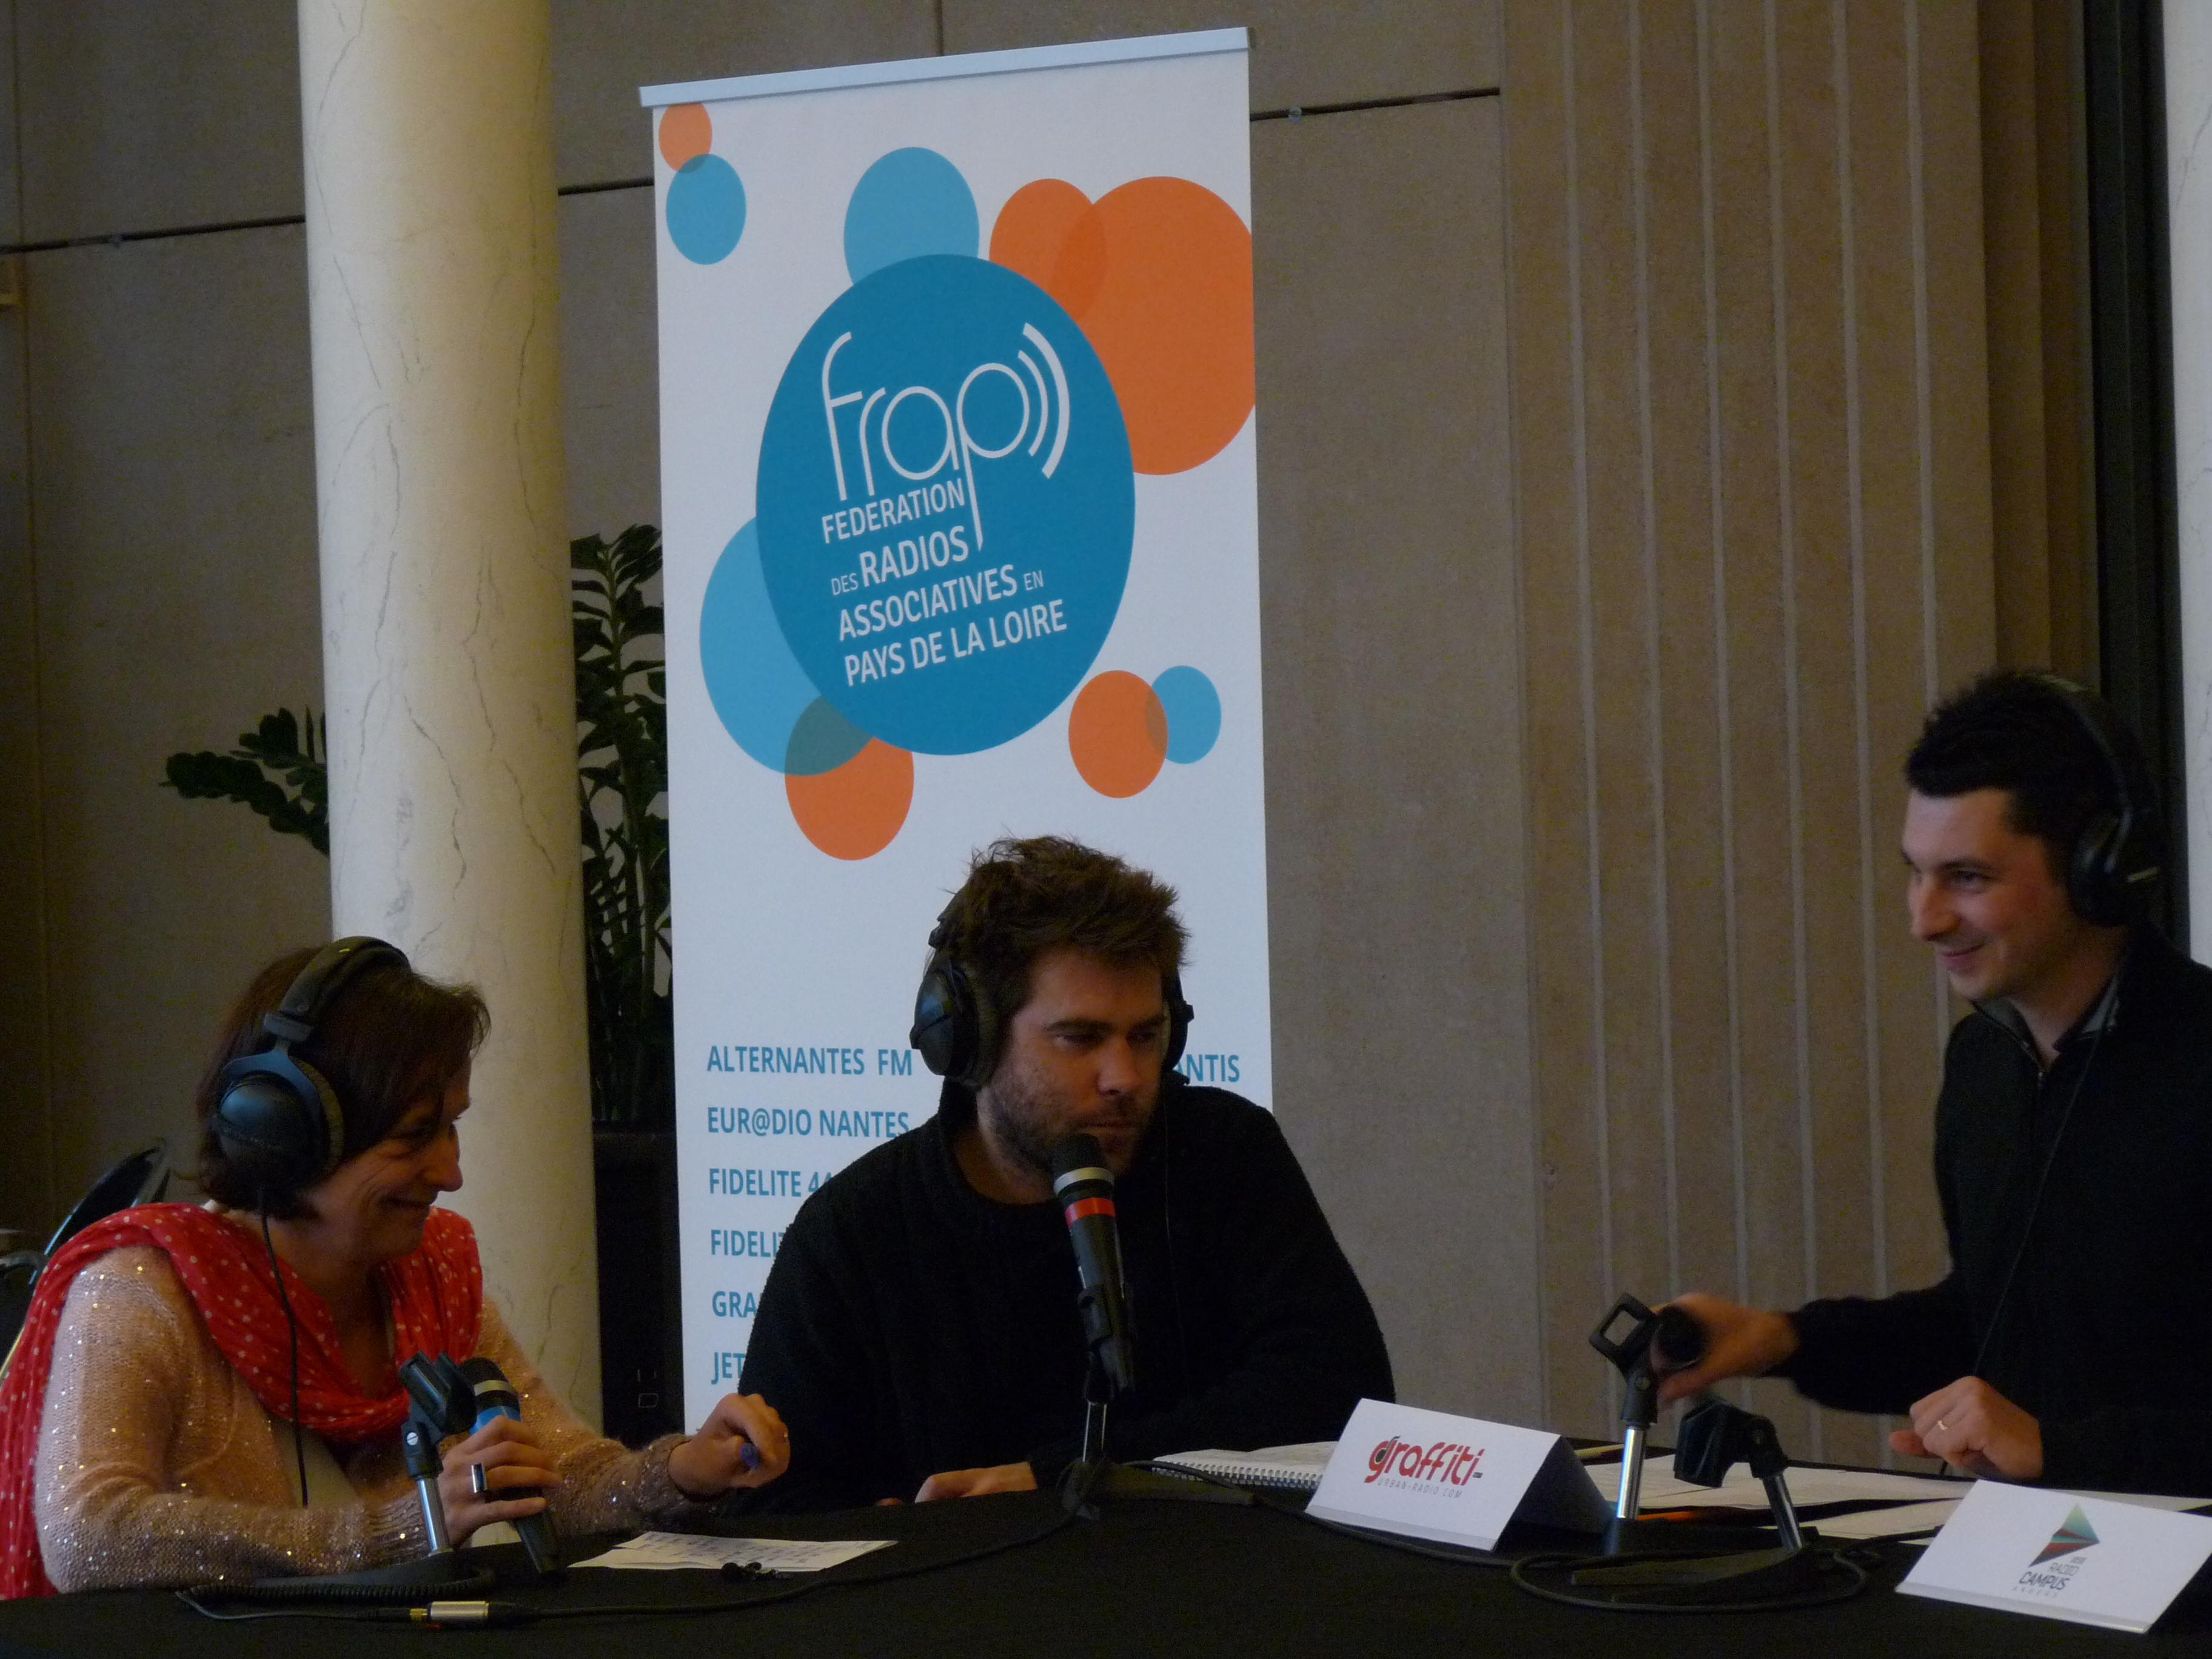 La précédente émission collaborative de la FRAP, le 7 février dernier, à l'occasion des Rencontres de la CPCA à l'Hôtel de Région de Nantes